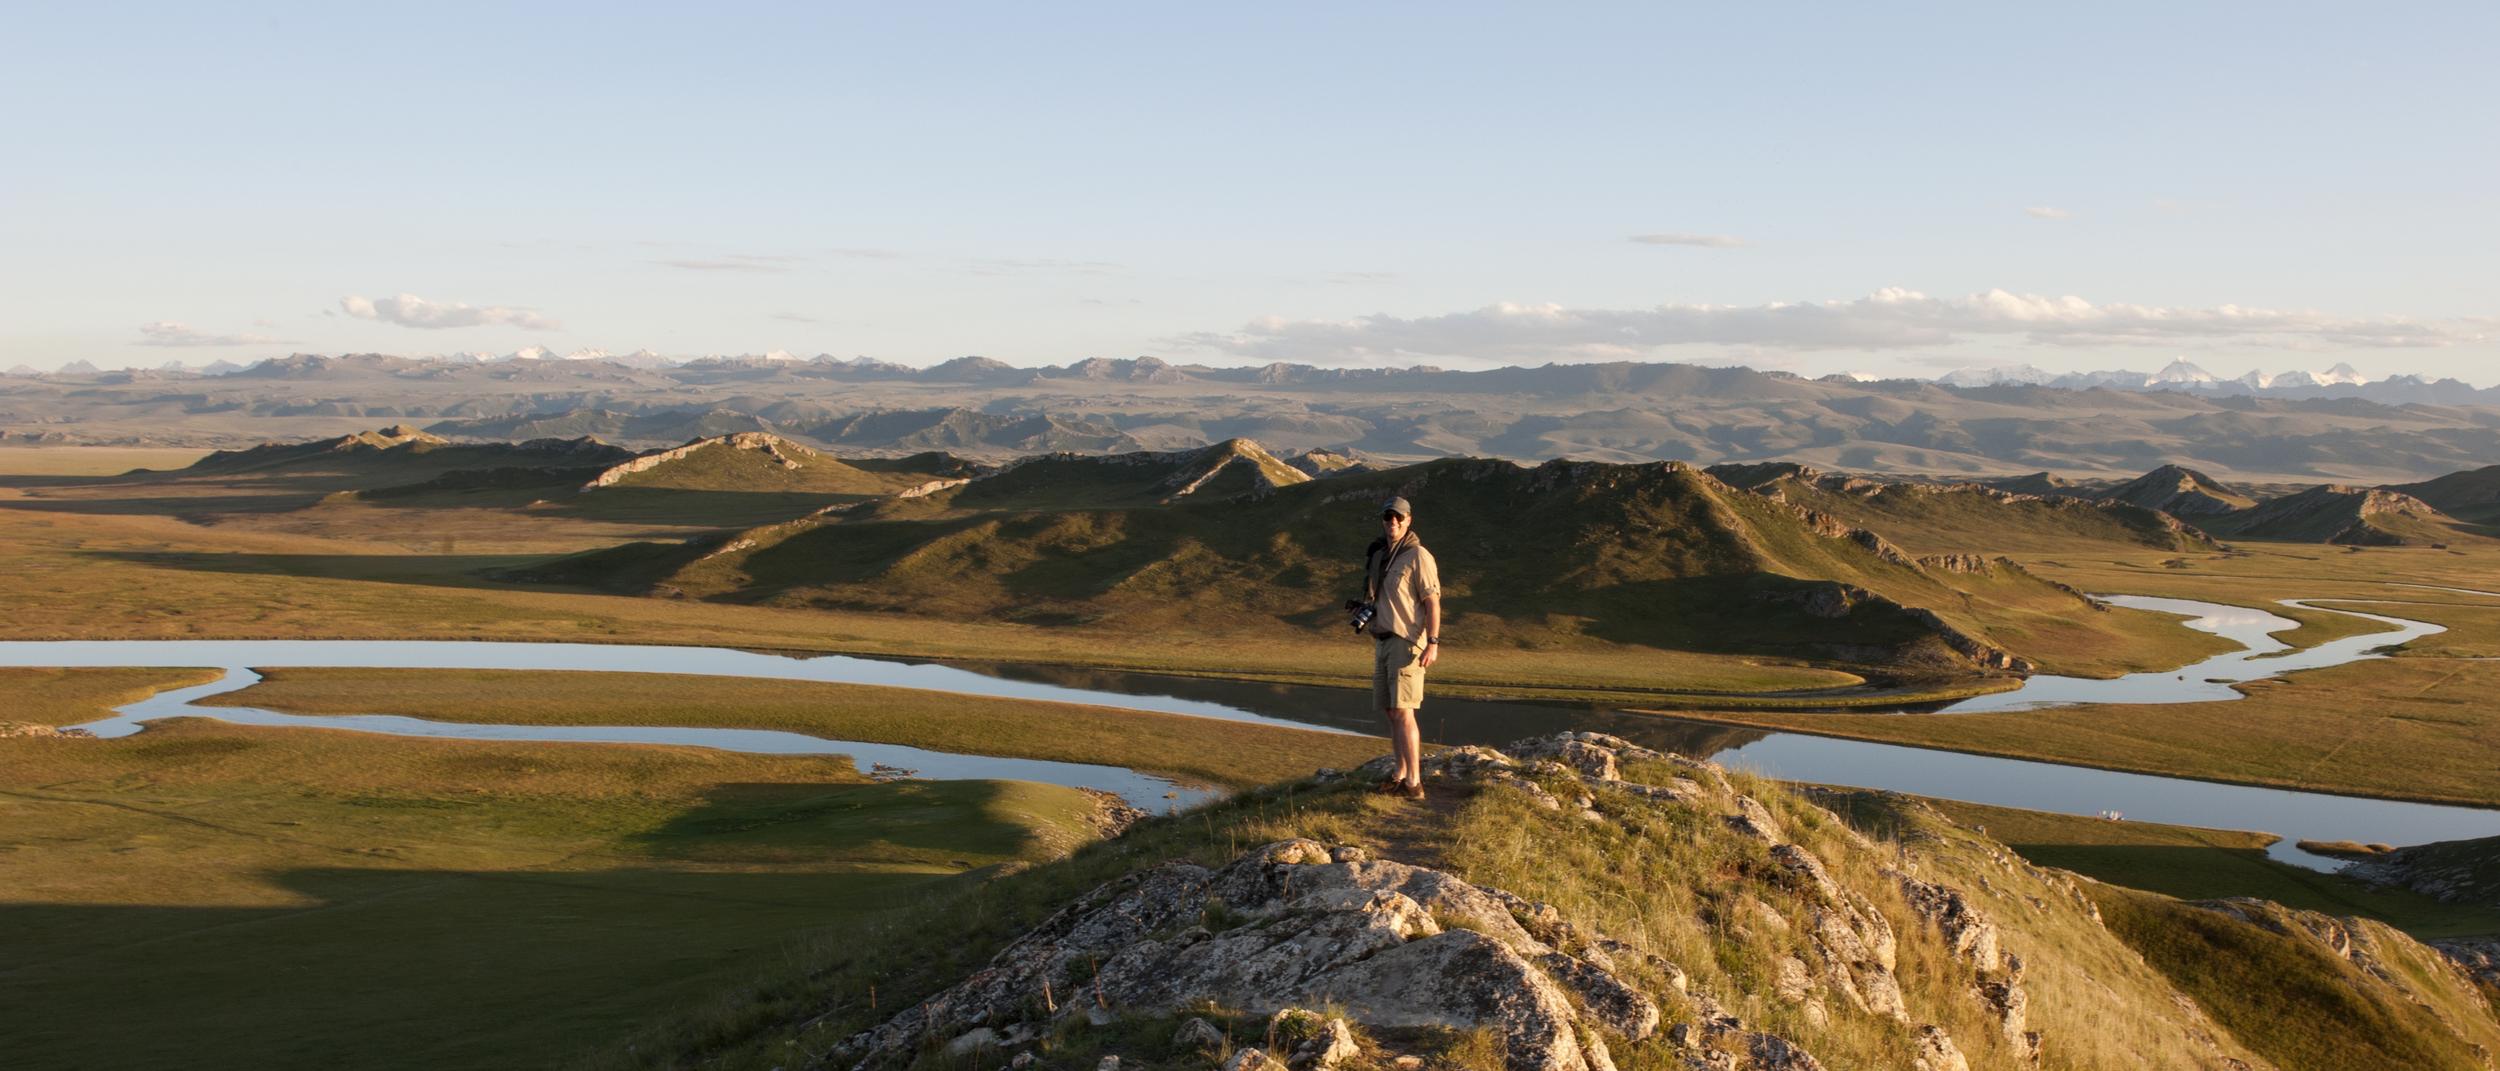 marcus @ Bayanbulak panorama.jpeg